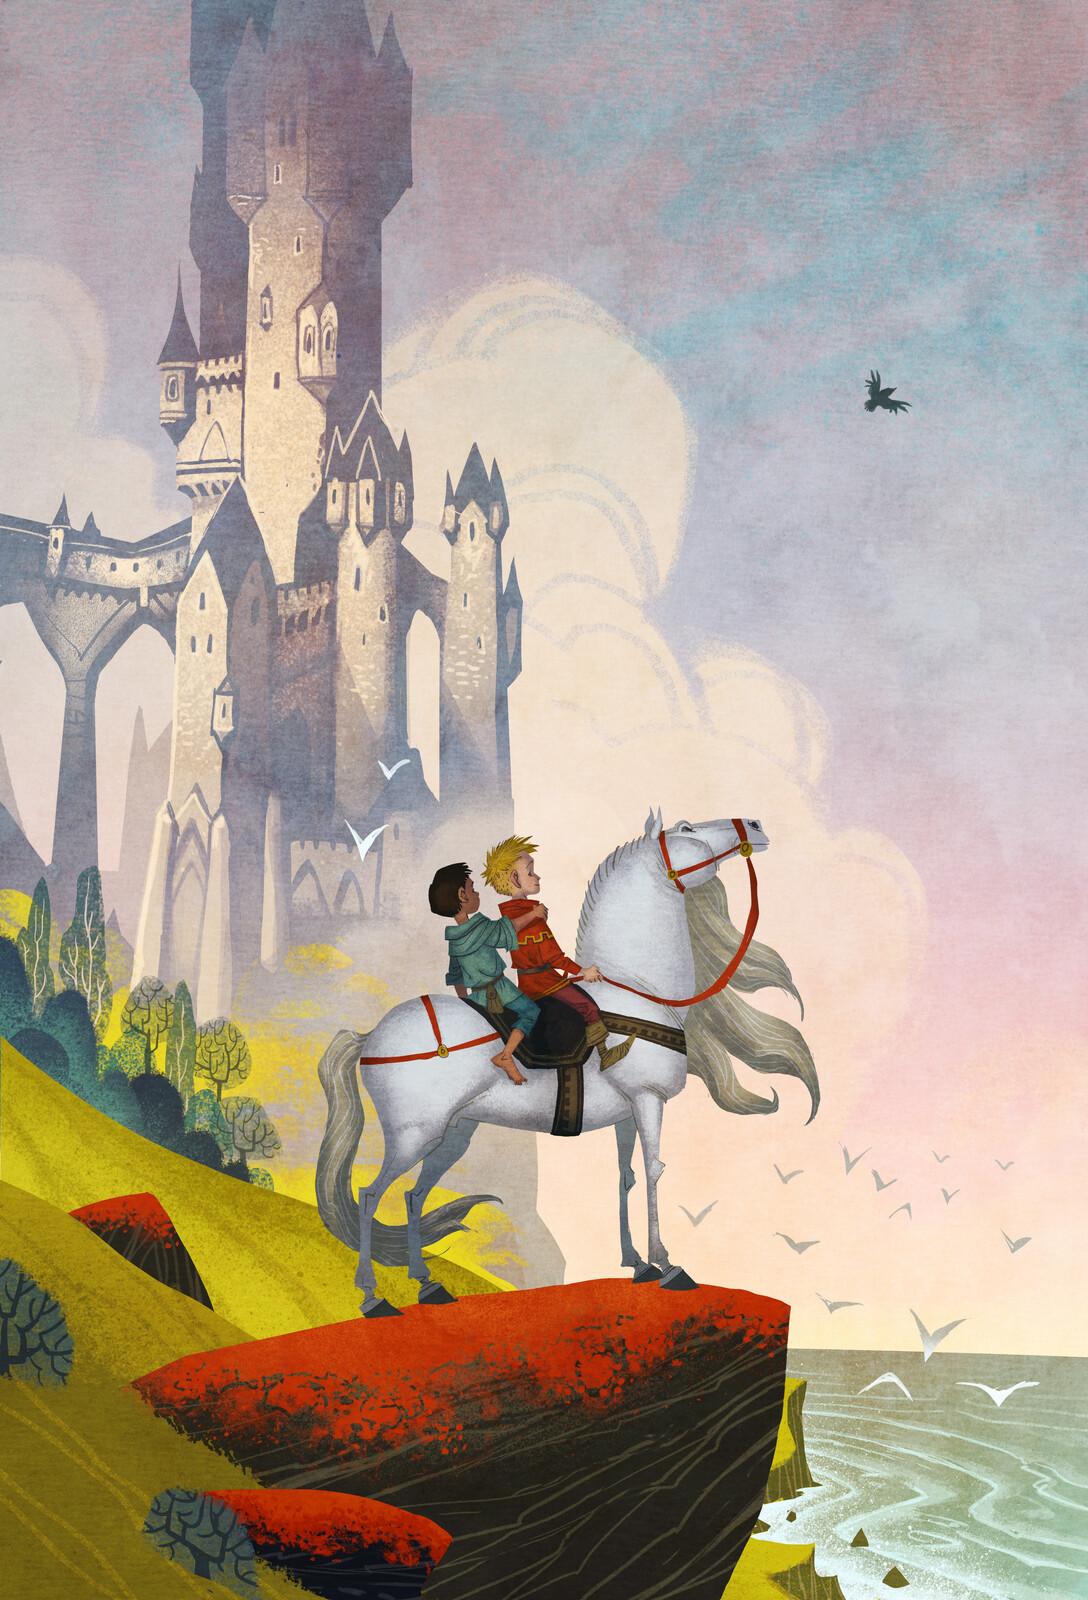 """""""The Land Faraway"""" from Mio, min Mio / Mio my Son by Astrid Lindgren"""